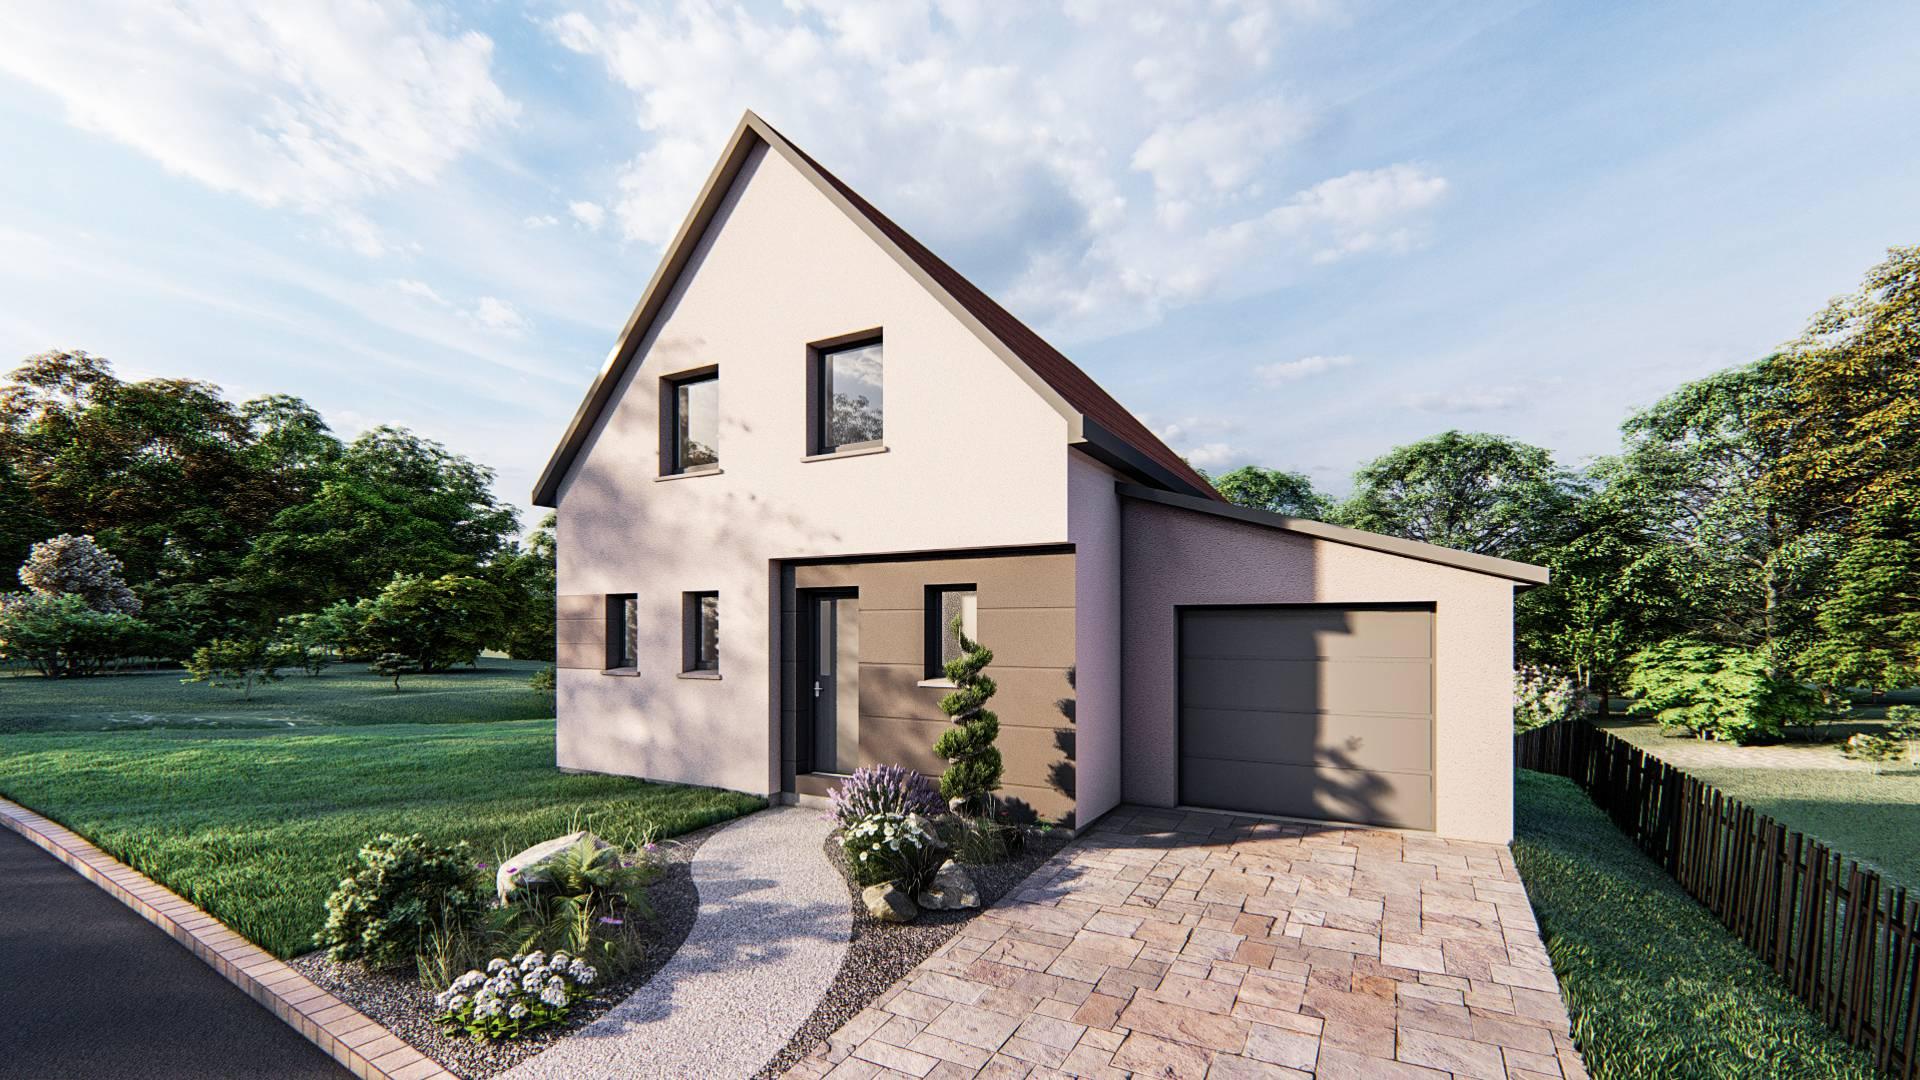 Maisons du constructeur SOCIETE MAISONS HANAU • 90 m² • MARMOUTIER